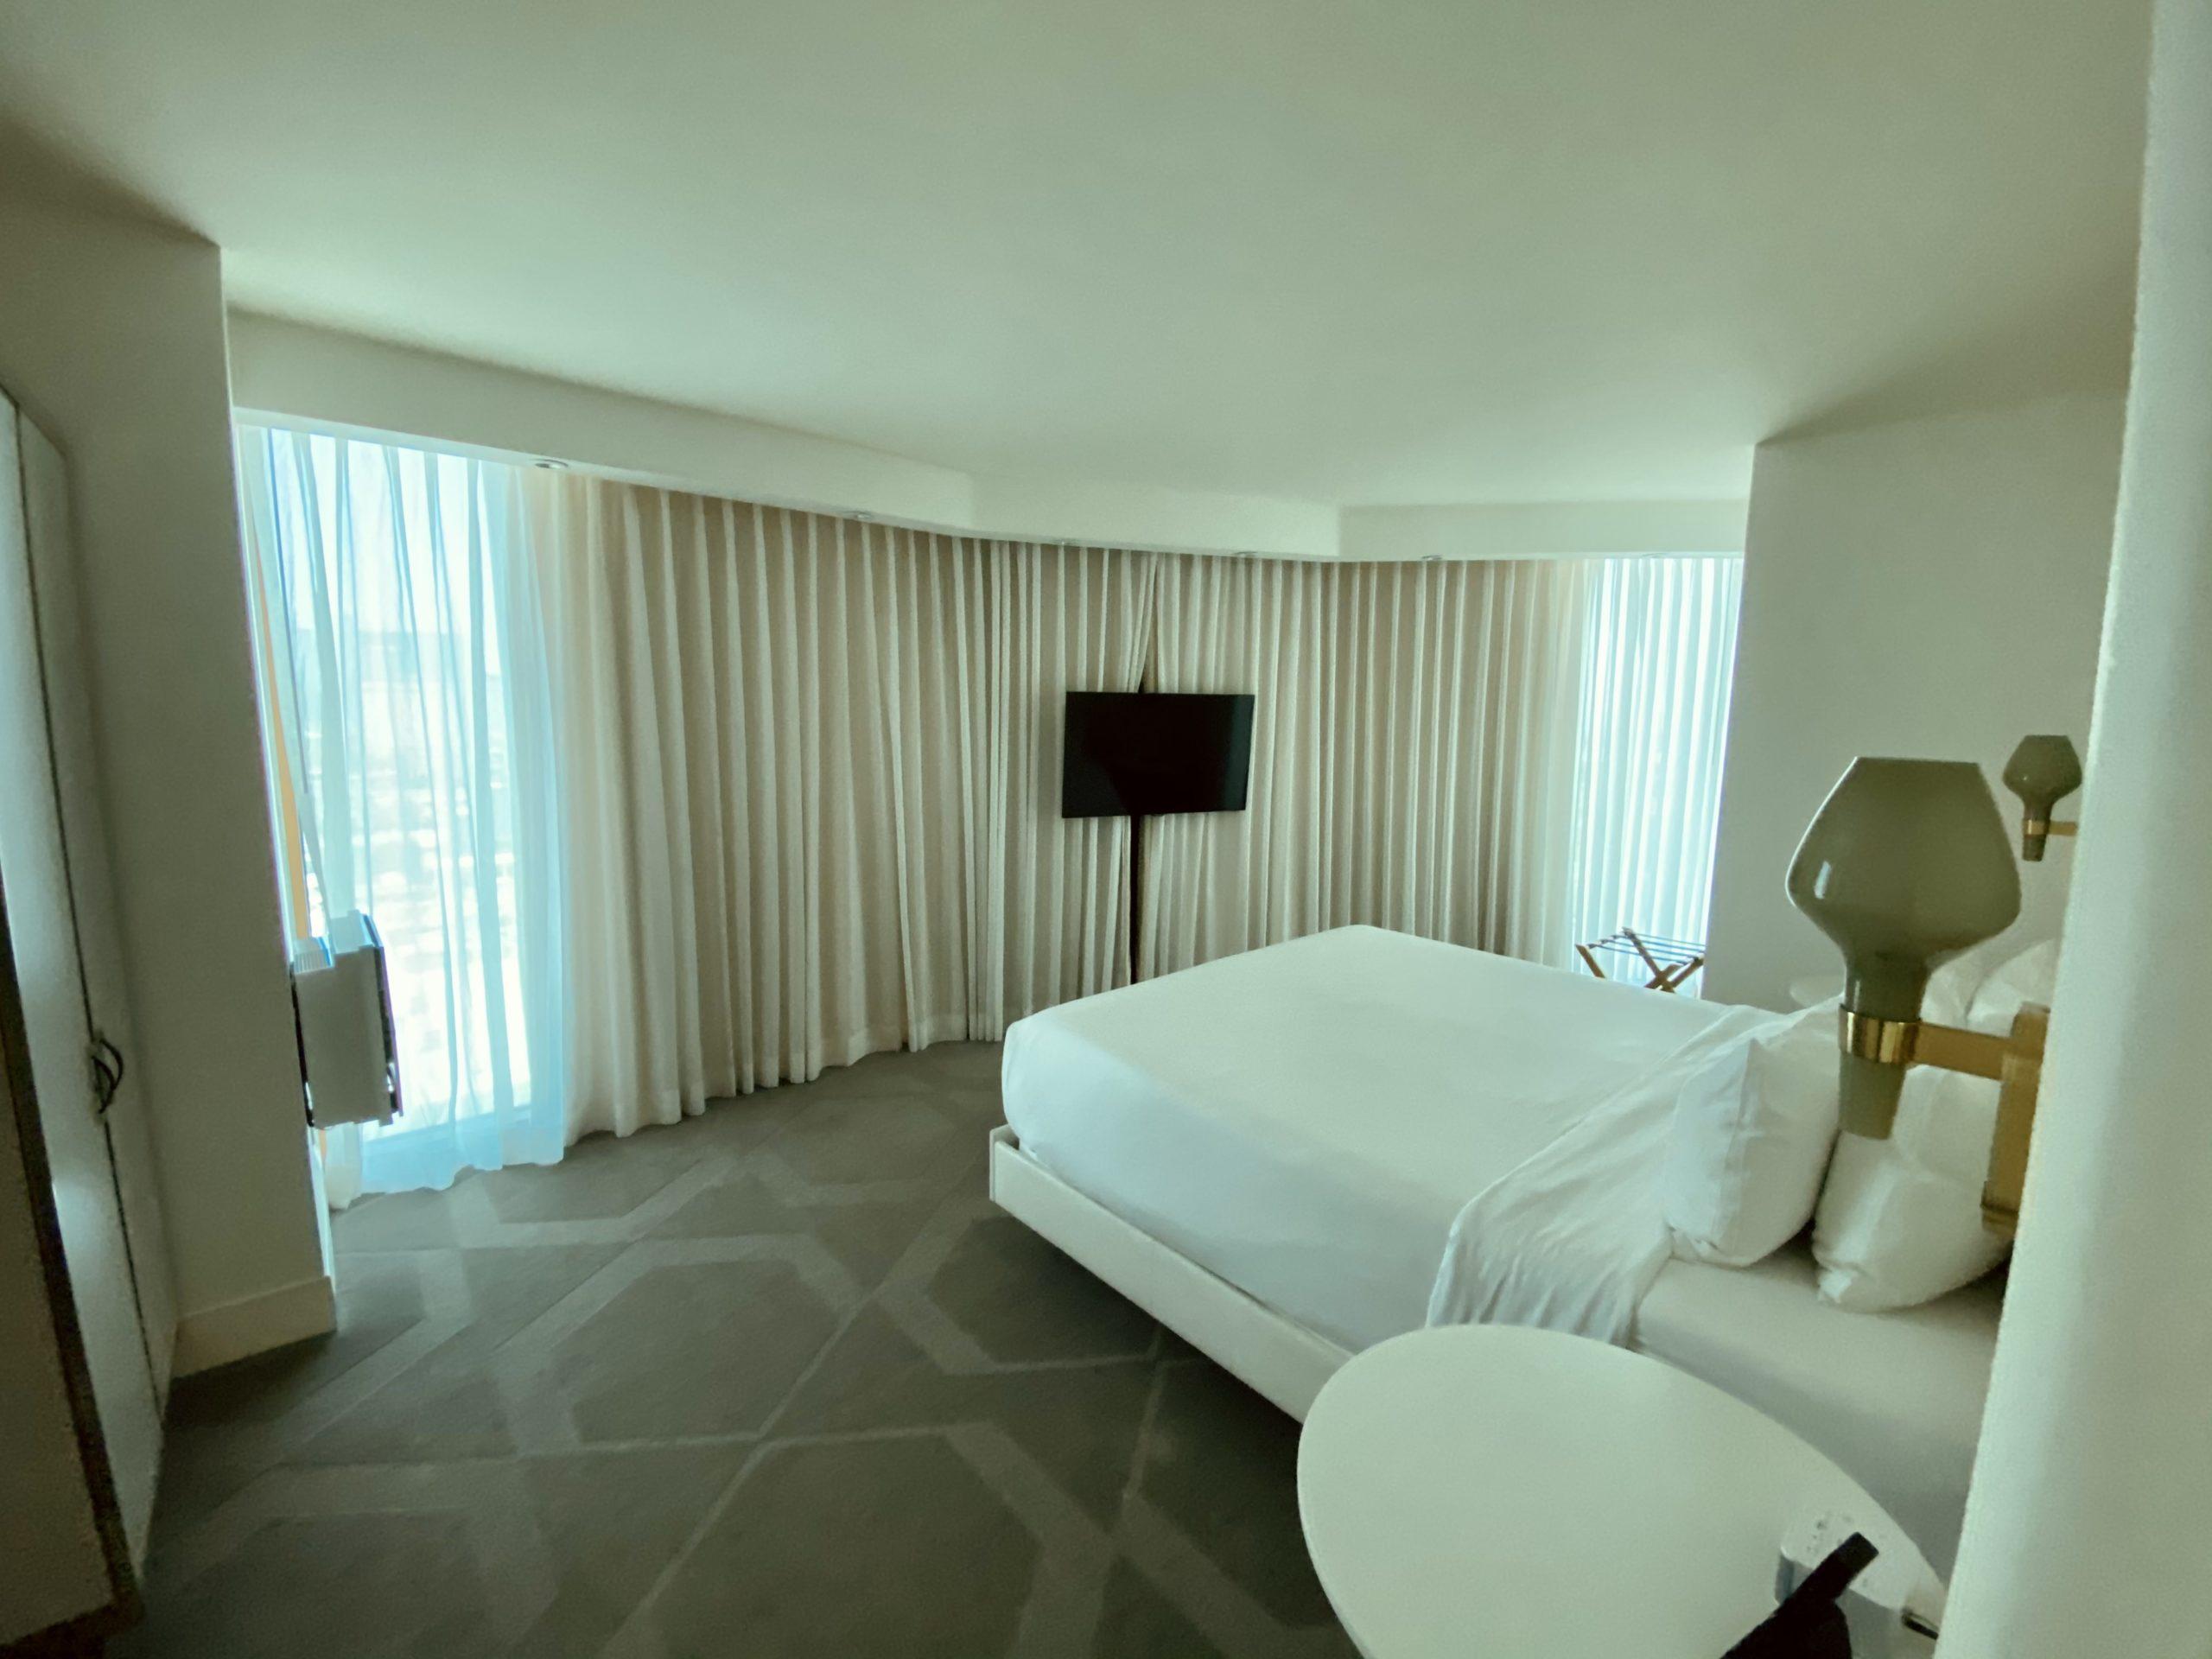 Delano Las Vegas room